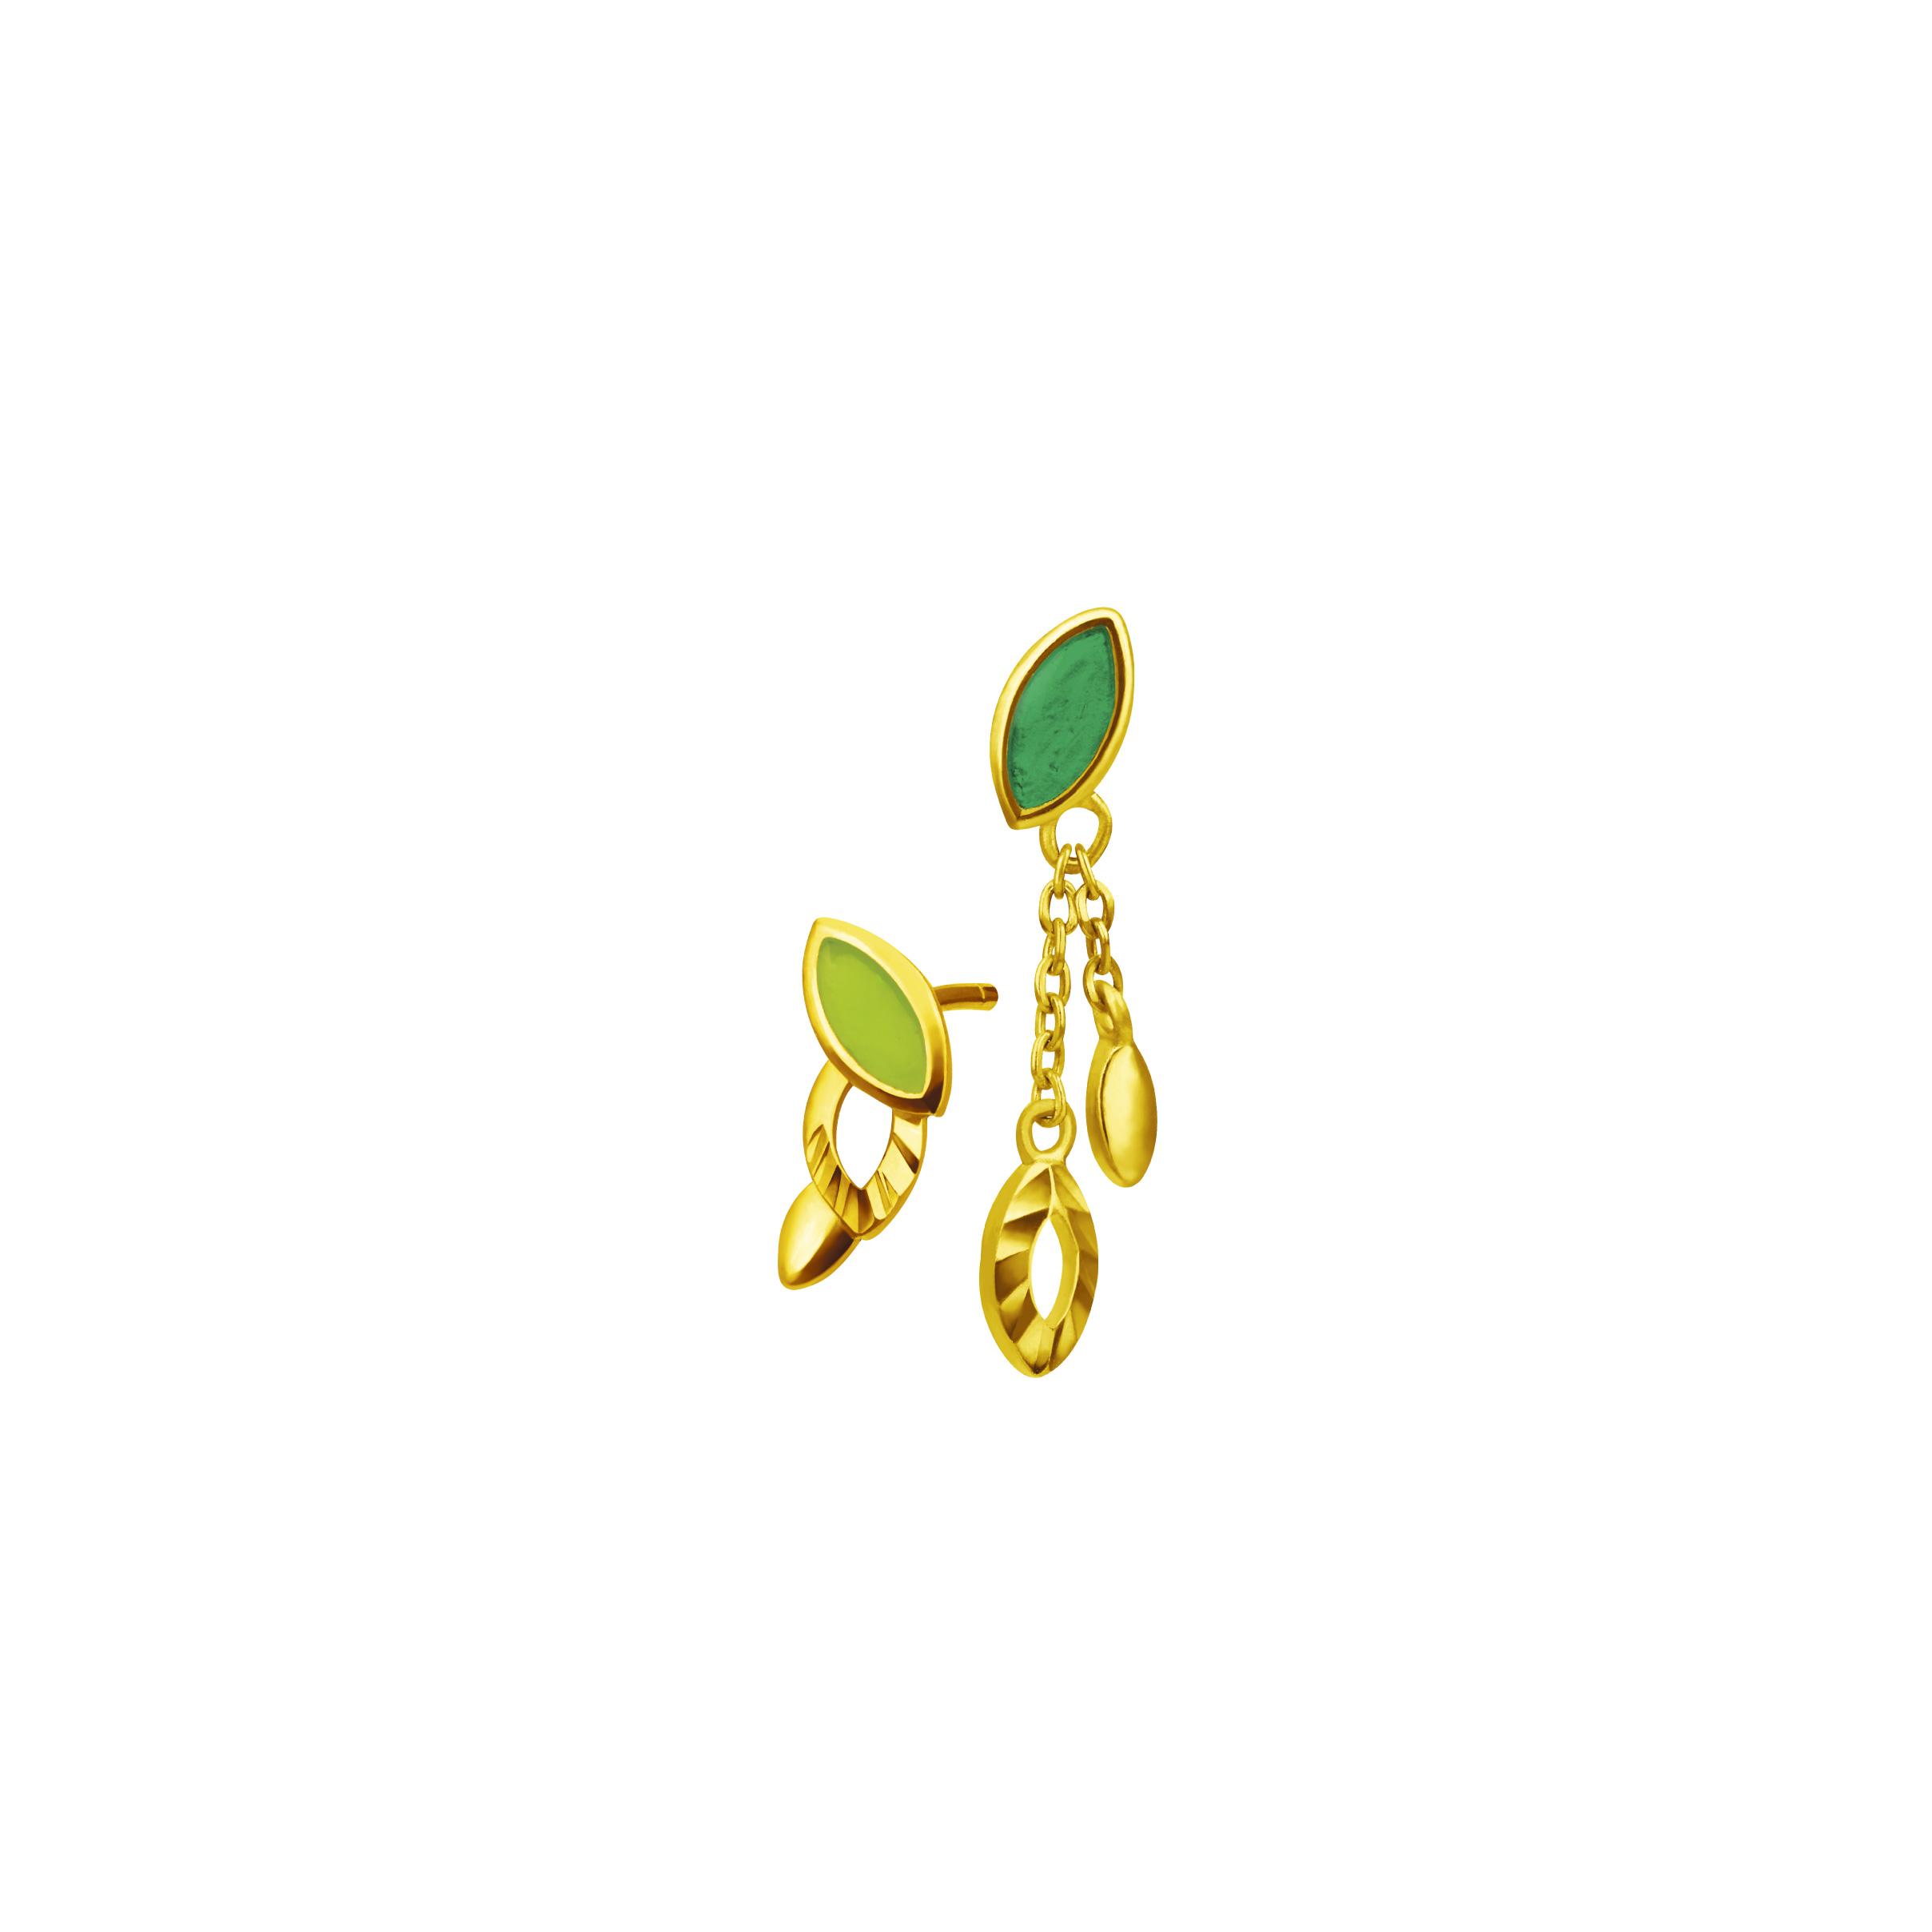 Gold Earrings with Enamel